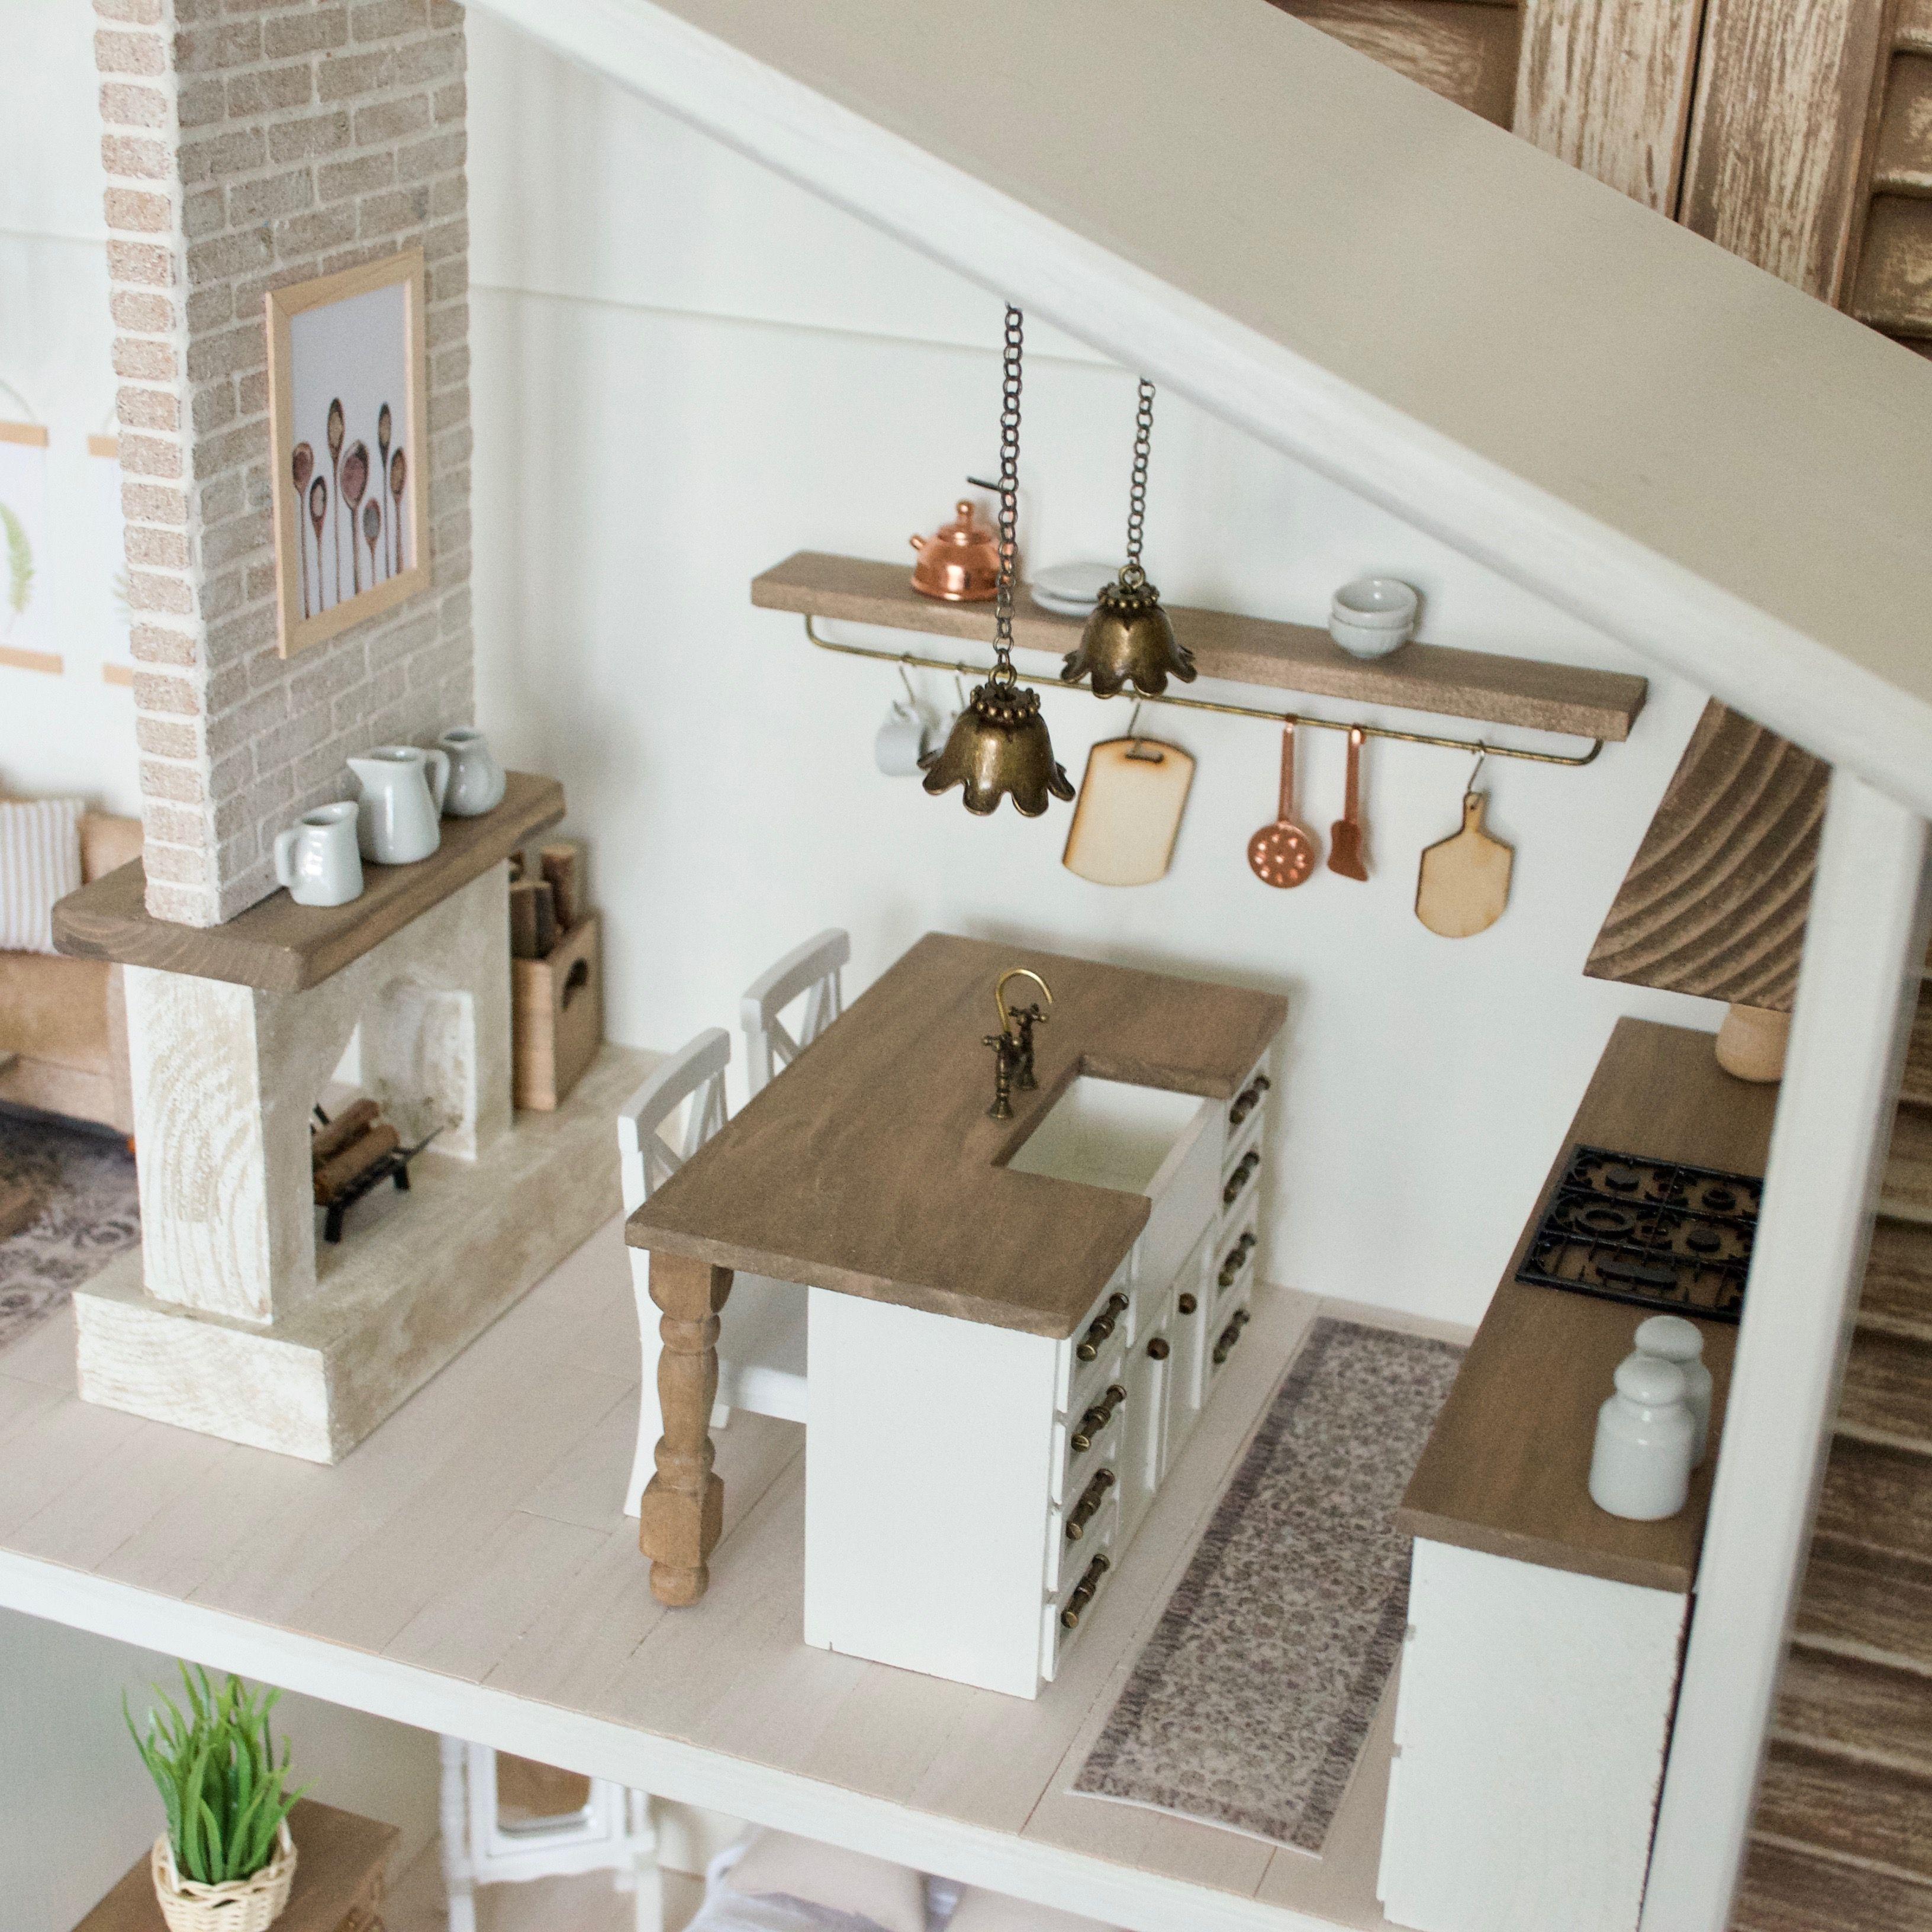 mini adventures co. | designer dollhouses, decor & tutorials